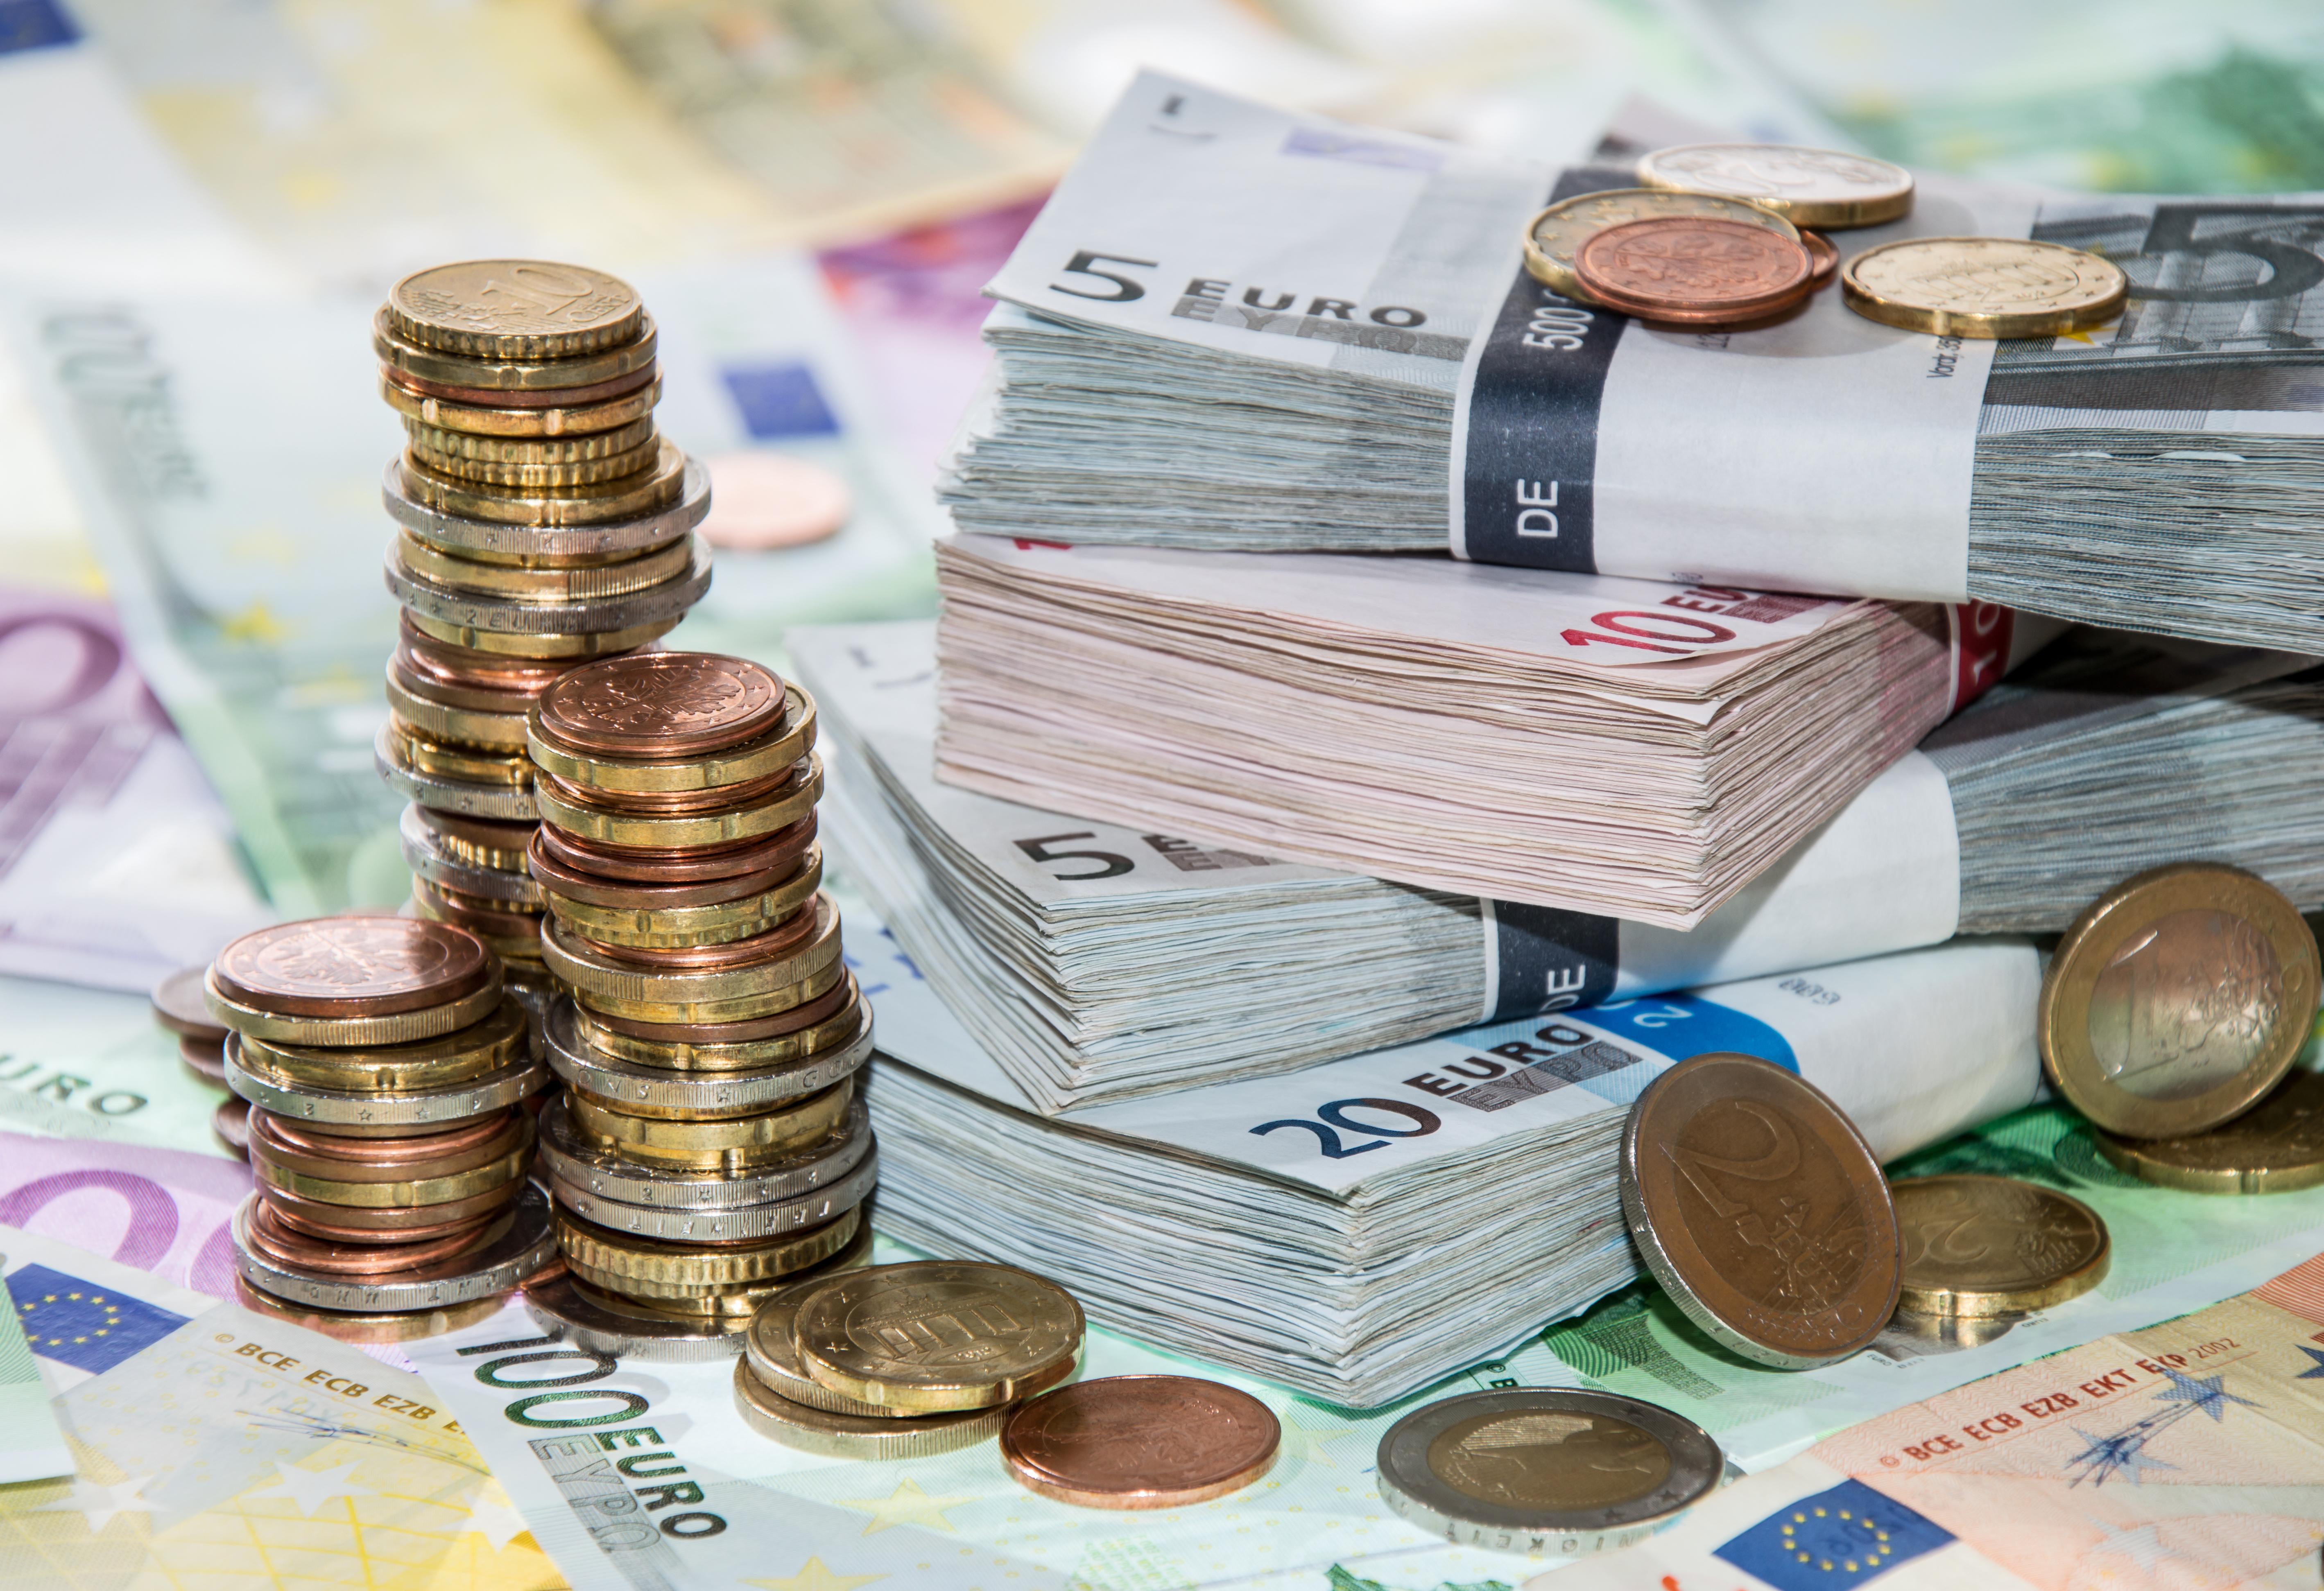 Secate de bani. Companiile de stat, obligate sa se imprumute